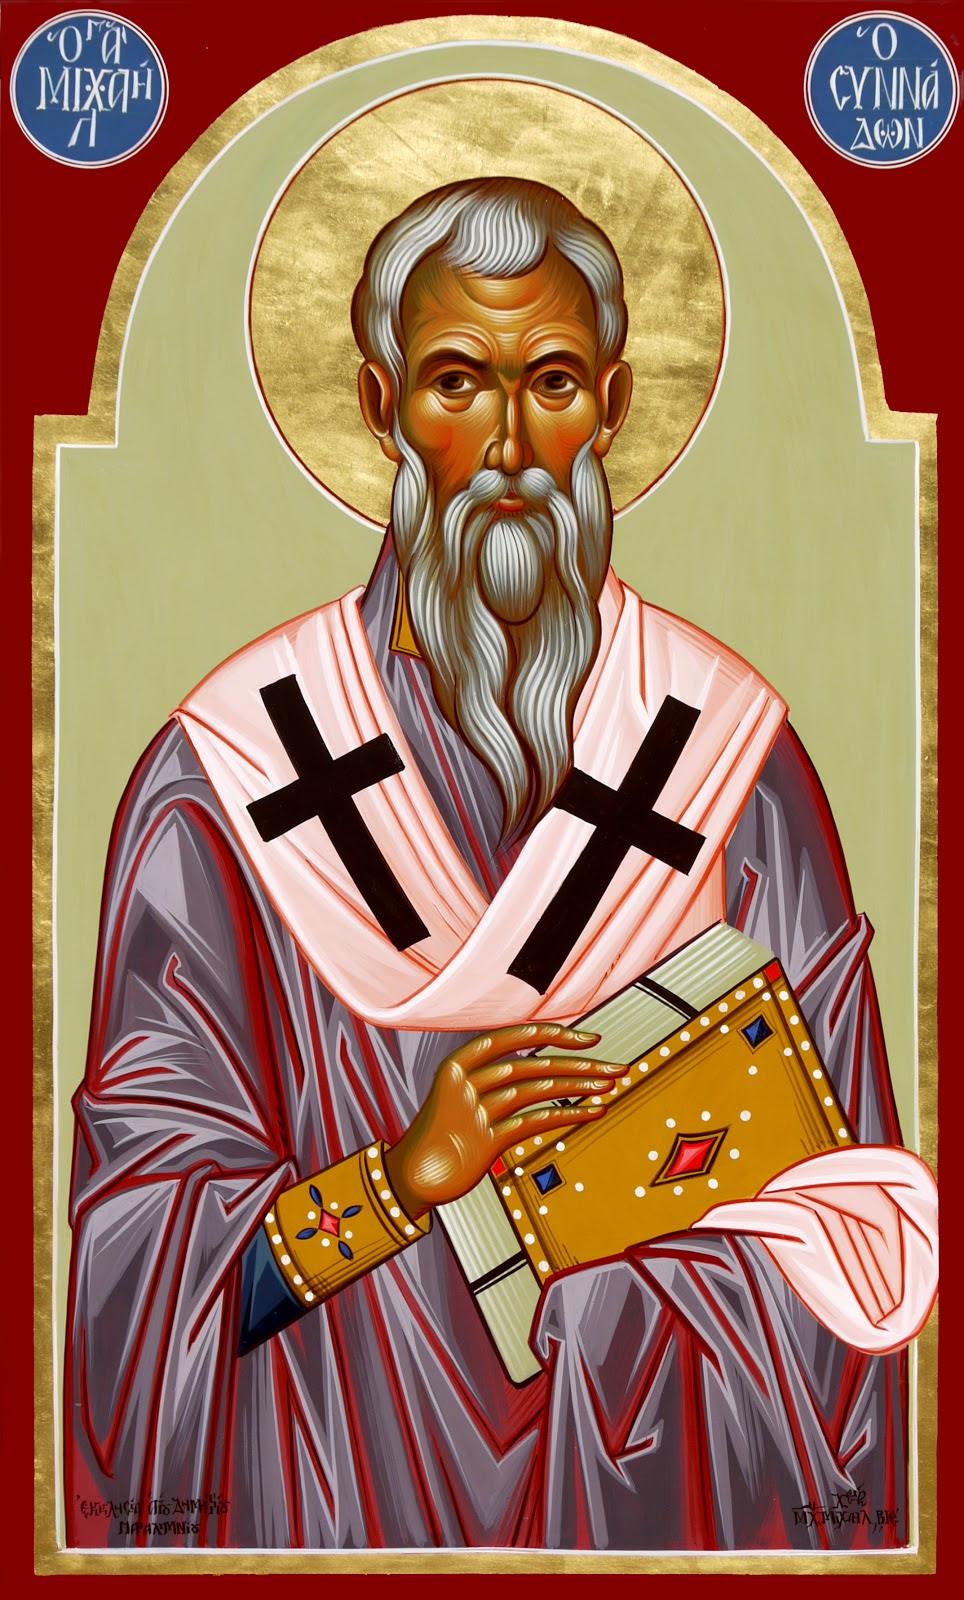 Αποτέλεσμα εικόνας για Ὁσίου πατρός ἡμῶν καί Ὁμολογητοῦ Μιχαήλ, ἐπισκόπου Συνάδων